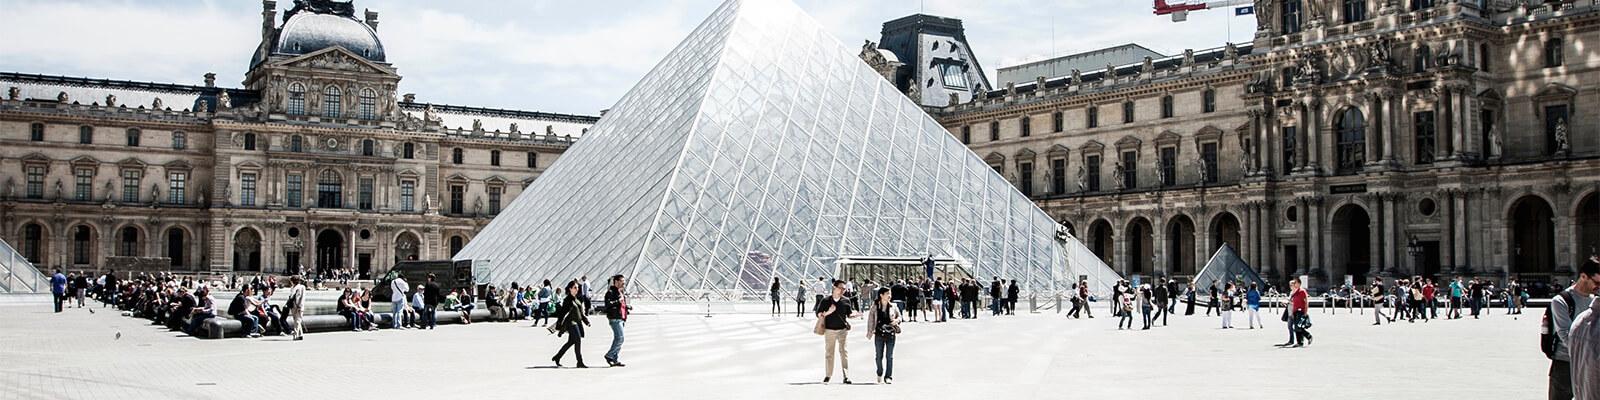 Louvre in Paris von außen